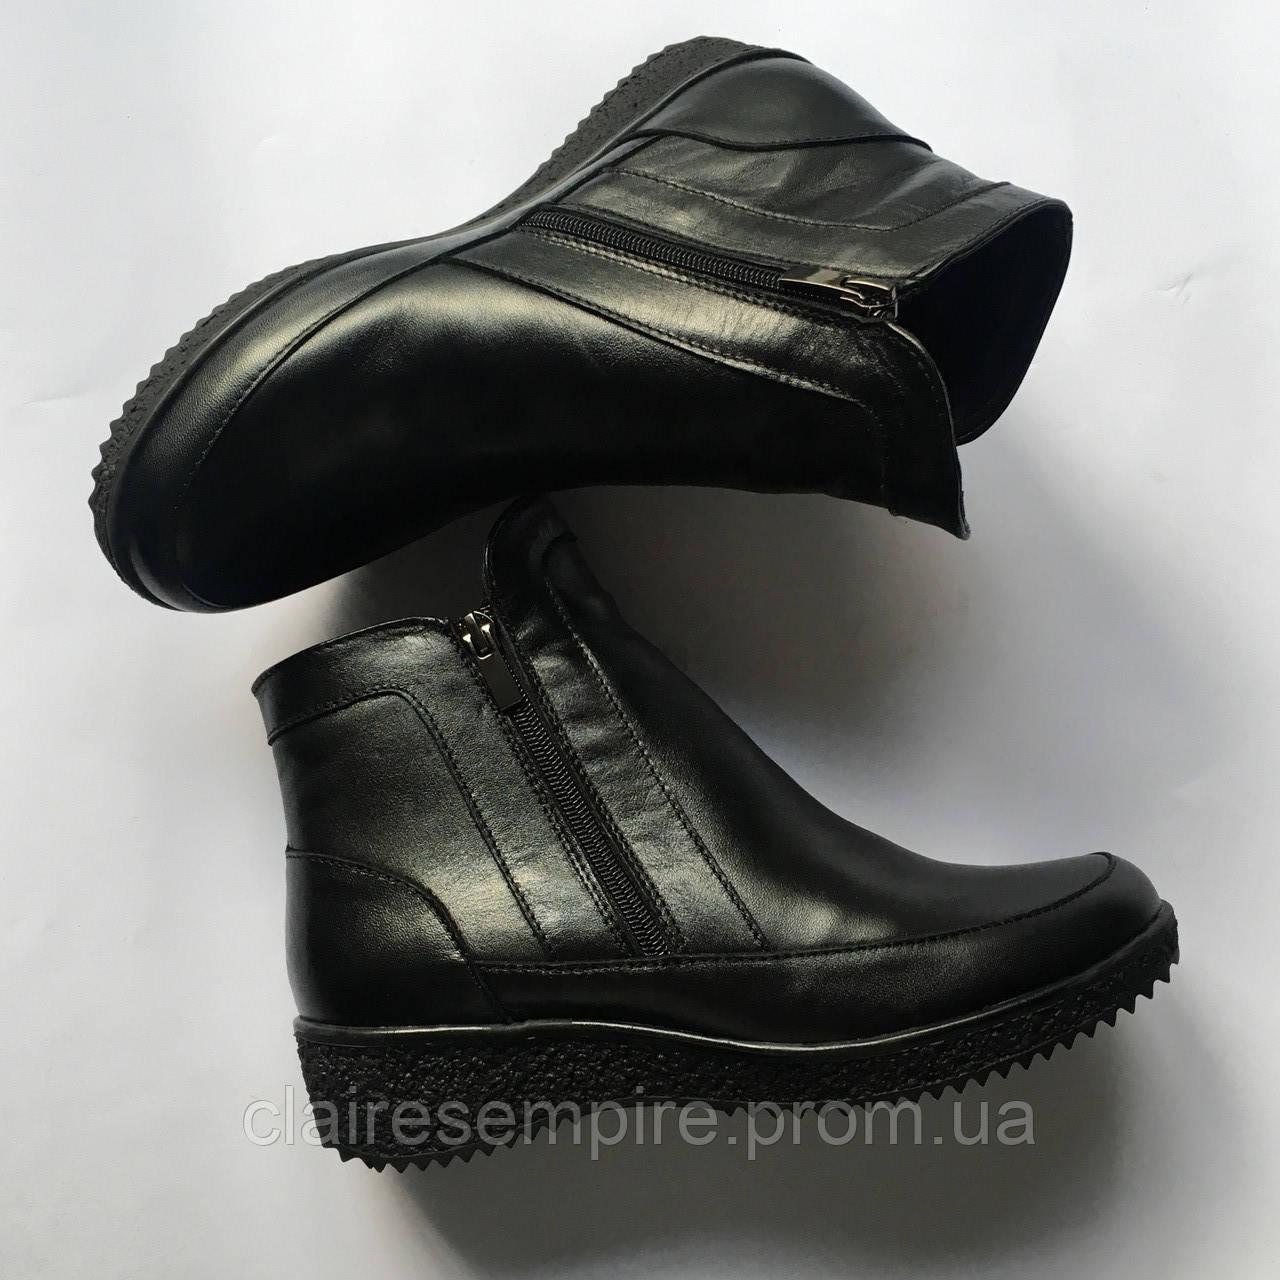 Ботинки Encanto, зима, натур. кожа, 36-41